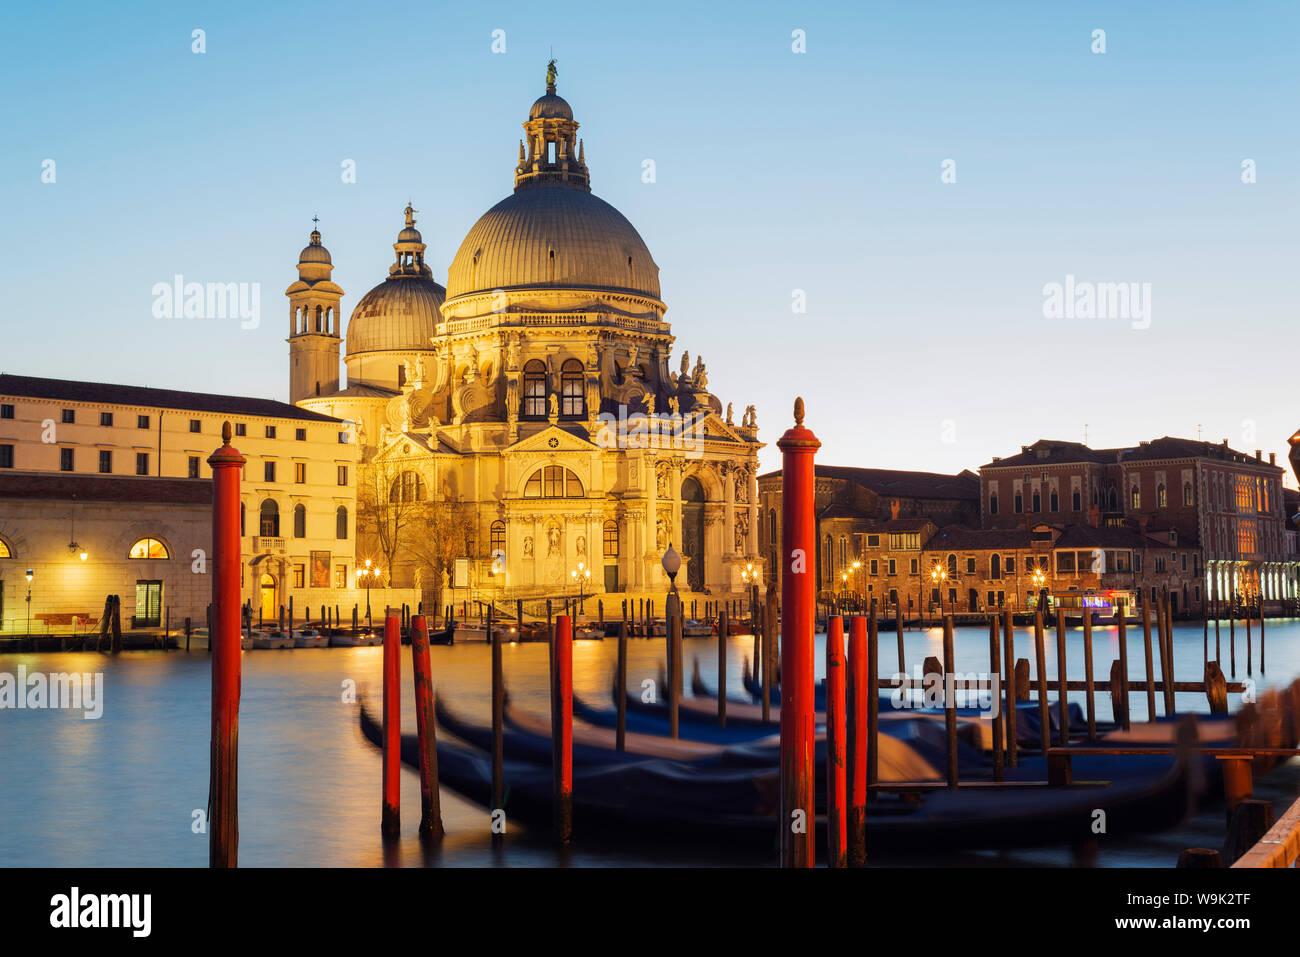 Basilica di Santa Maria della Salute, sur le Grand Canal, Venise, UNESCO World Heritage Site, Vénétie, Italie, Europe Banque D'Images